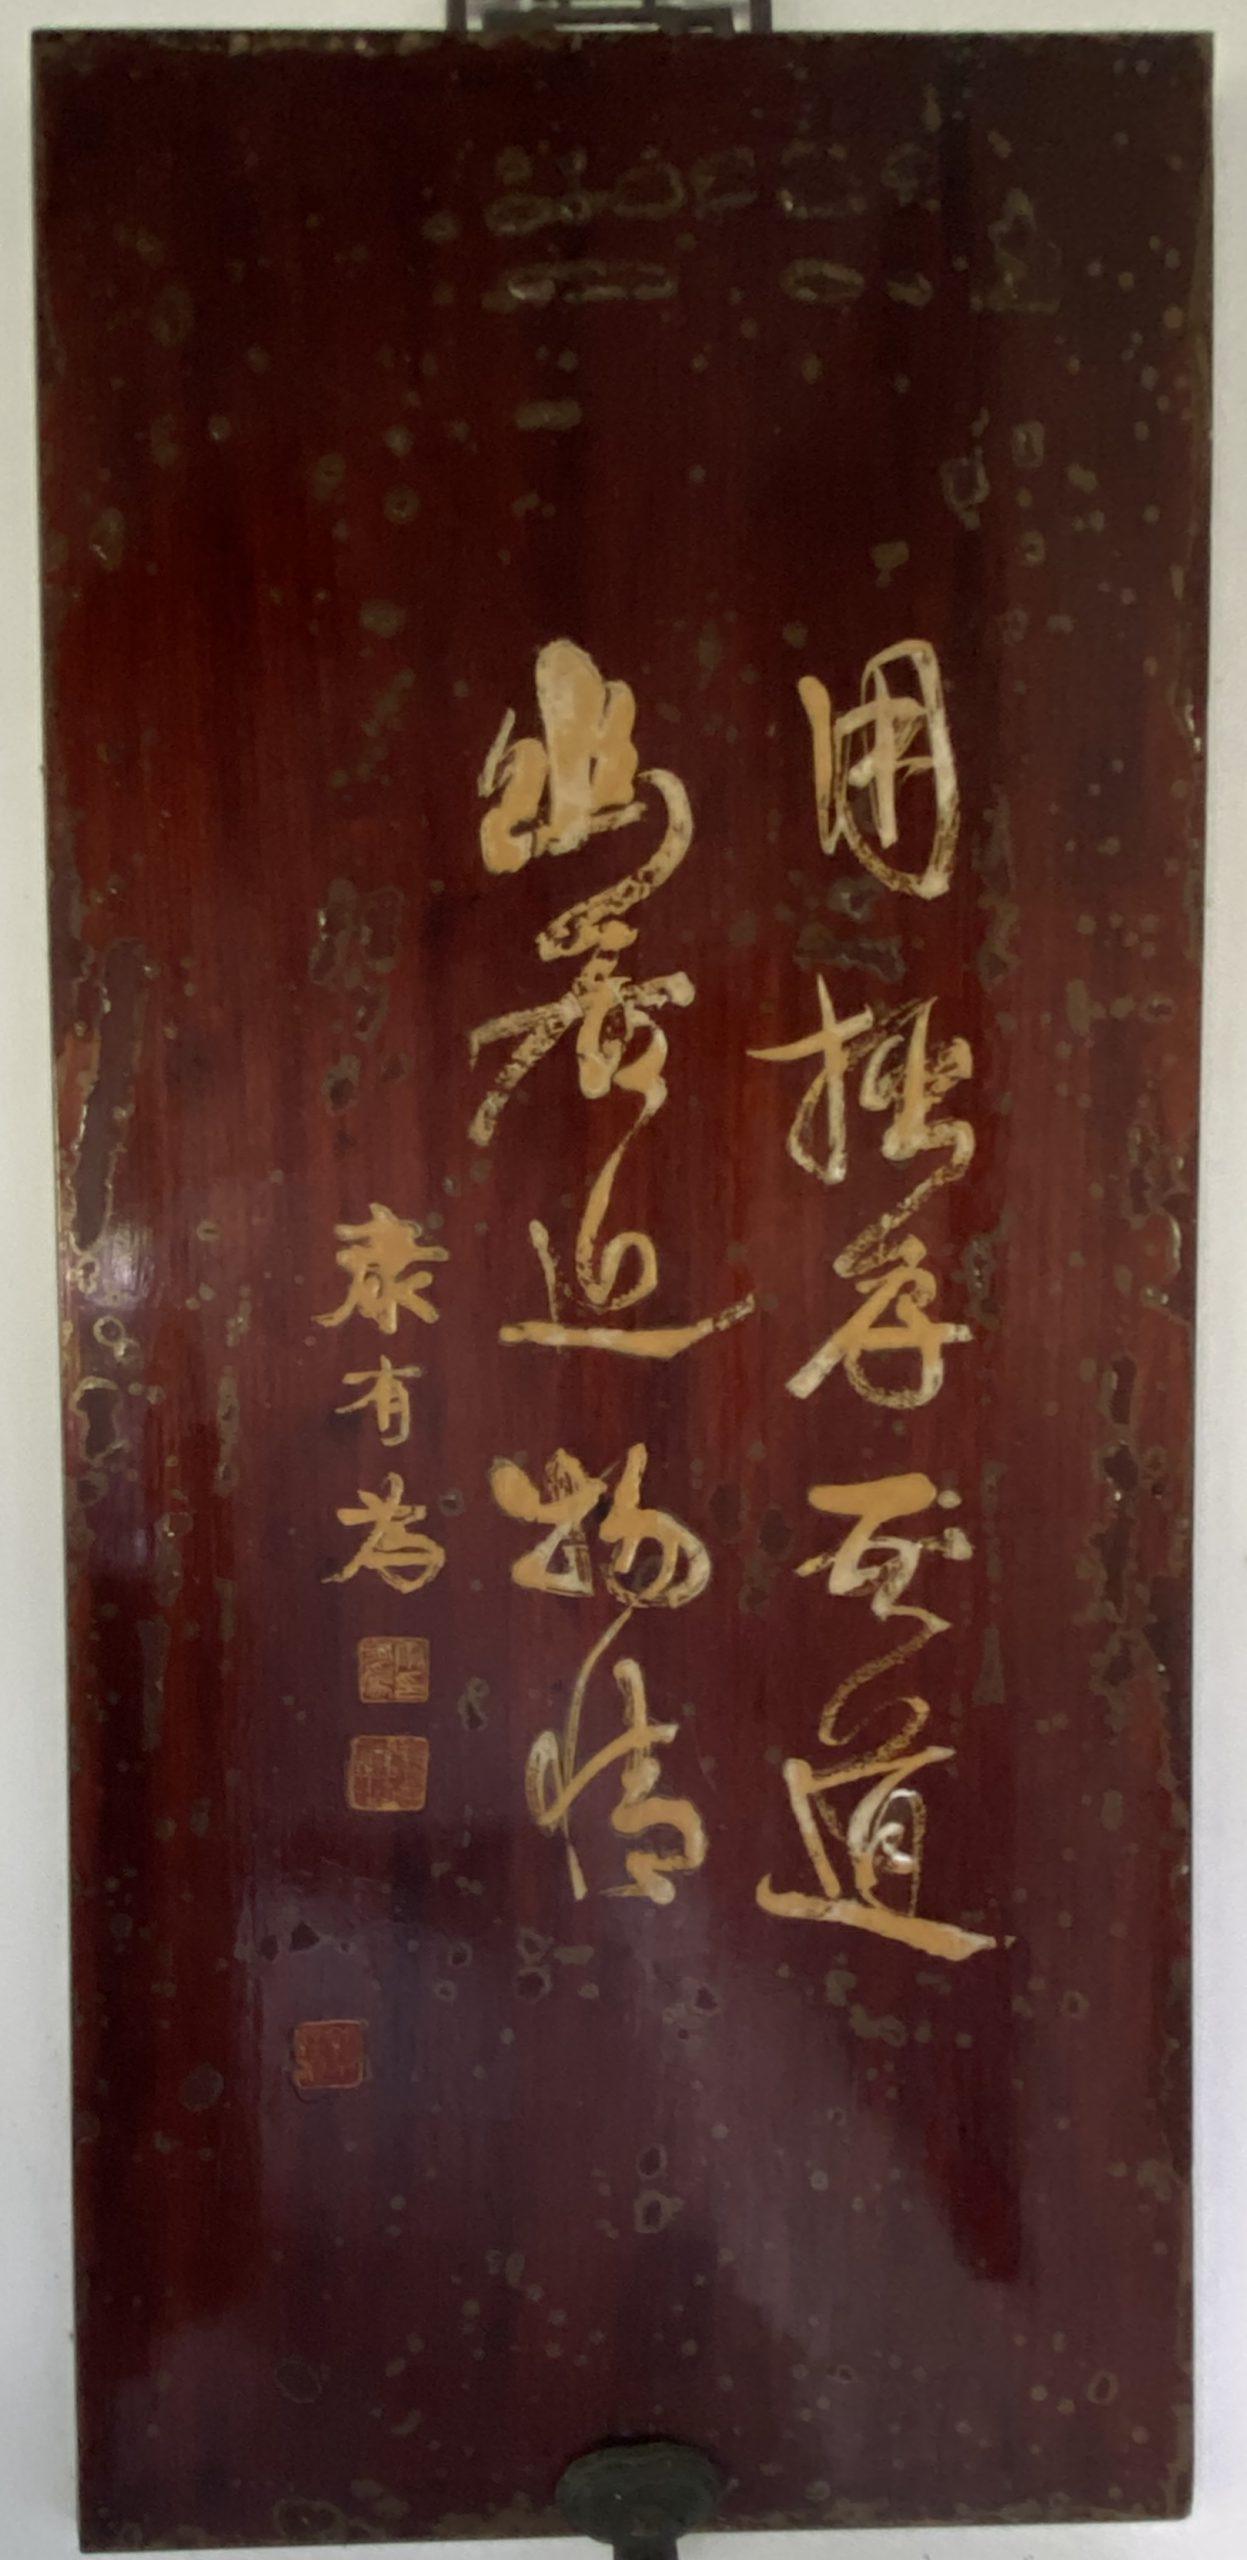 屏跡三首-唐時代・杜甫-杜詩書法木刻廊-浣花溪公園-成都杜甫草堂博物館-書:康有為